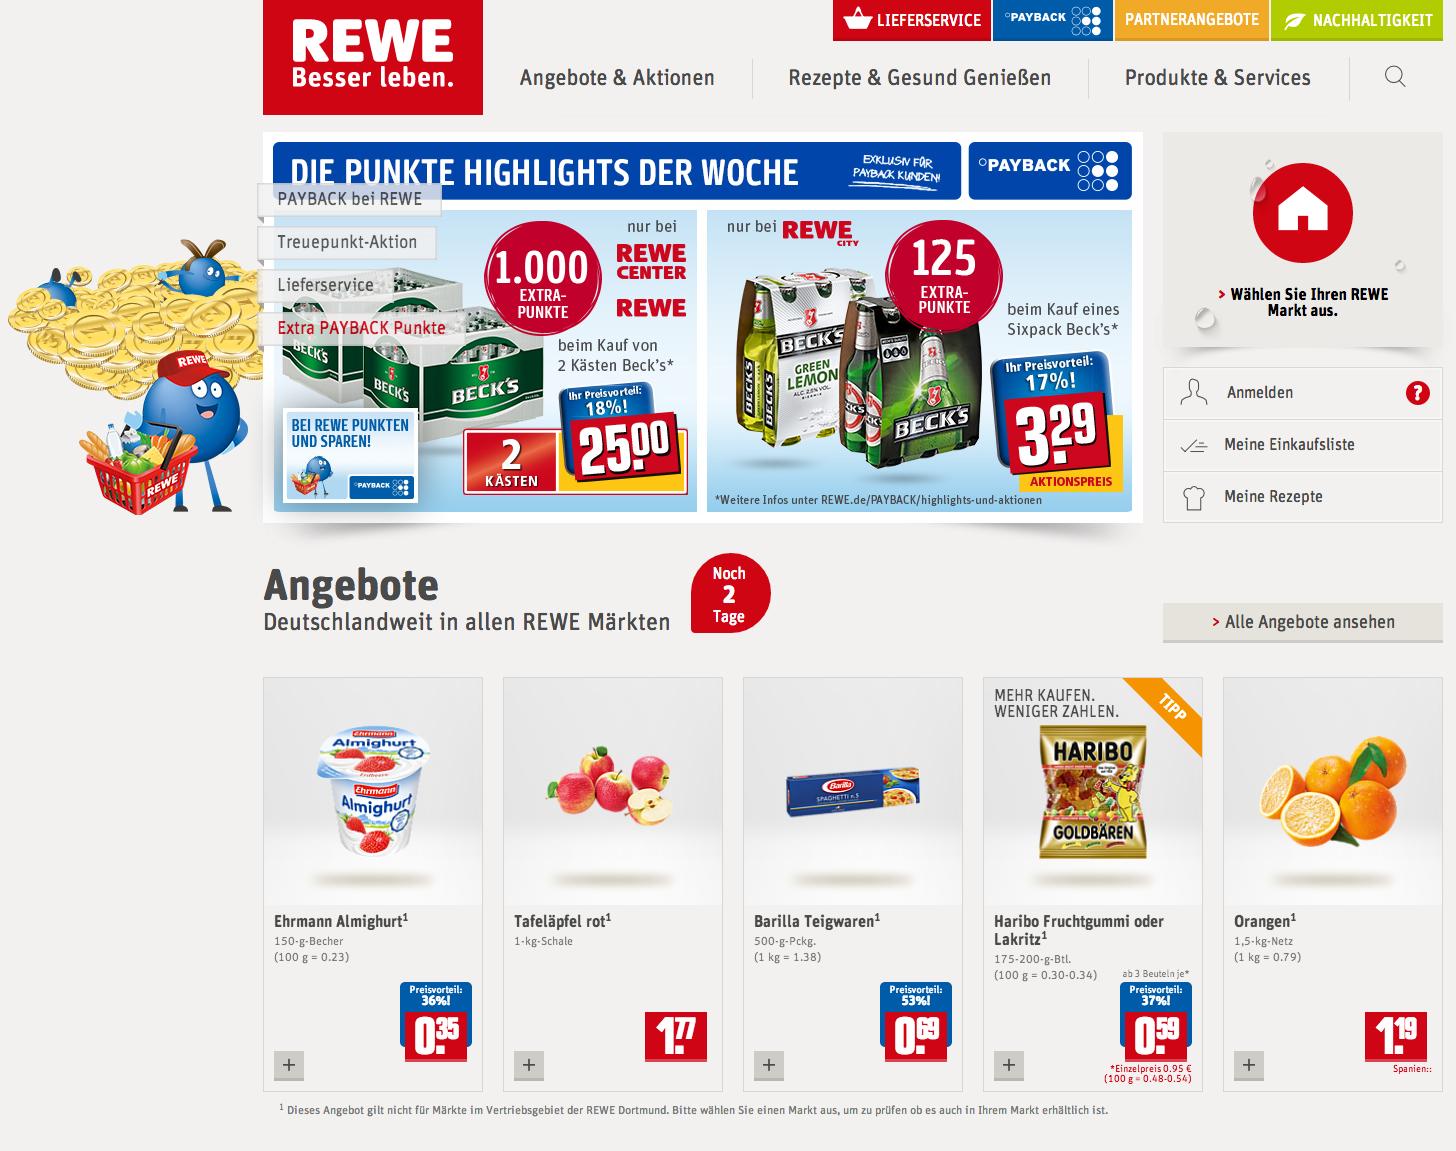 rewe homepage